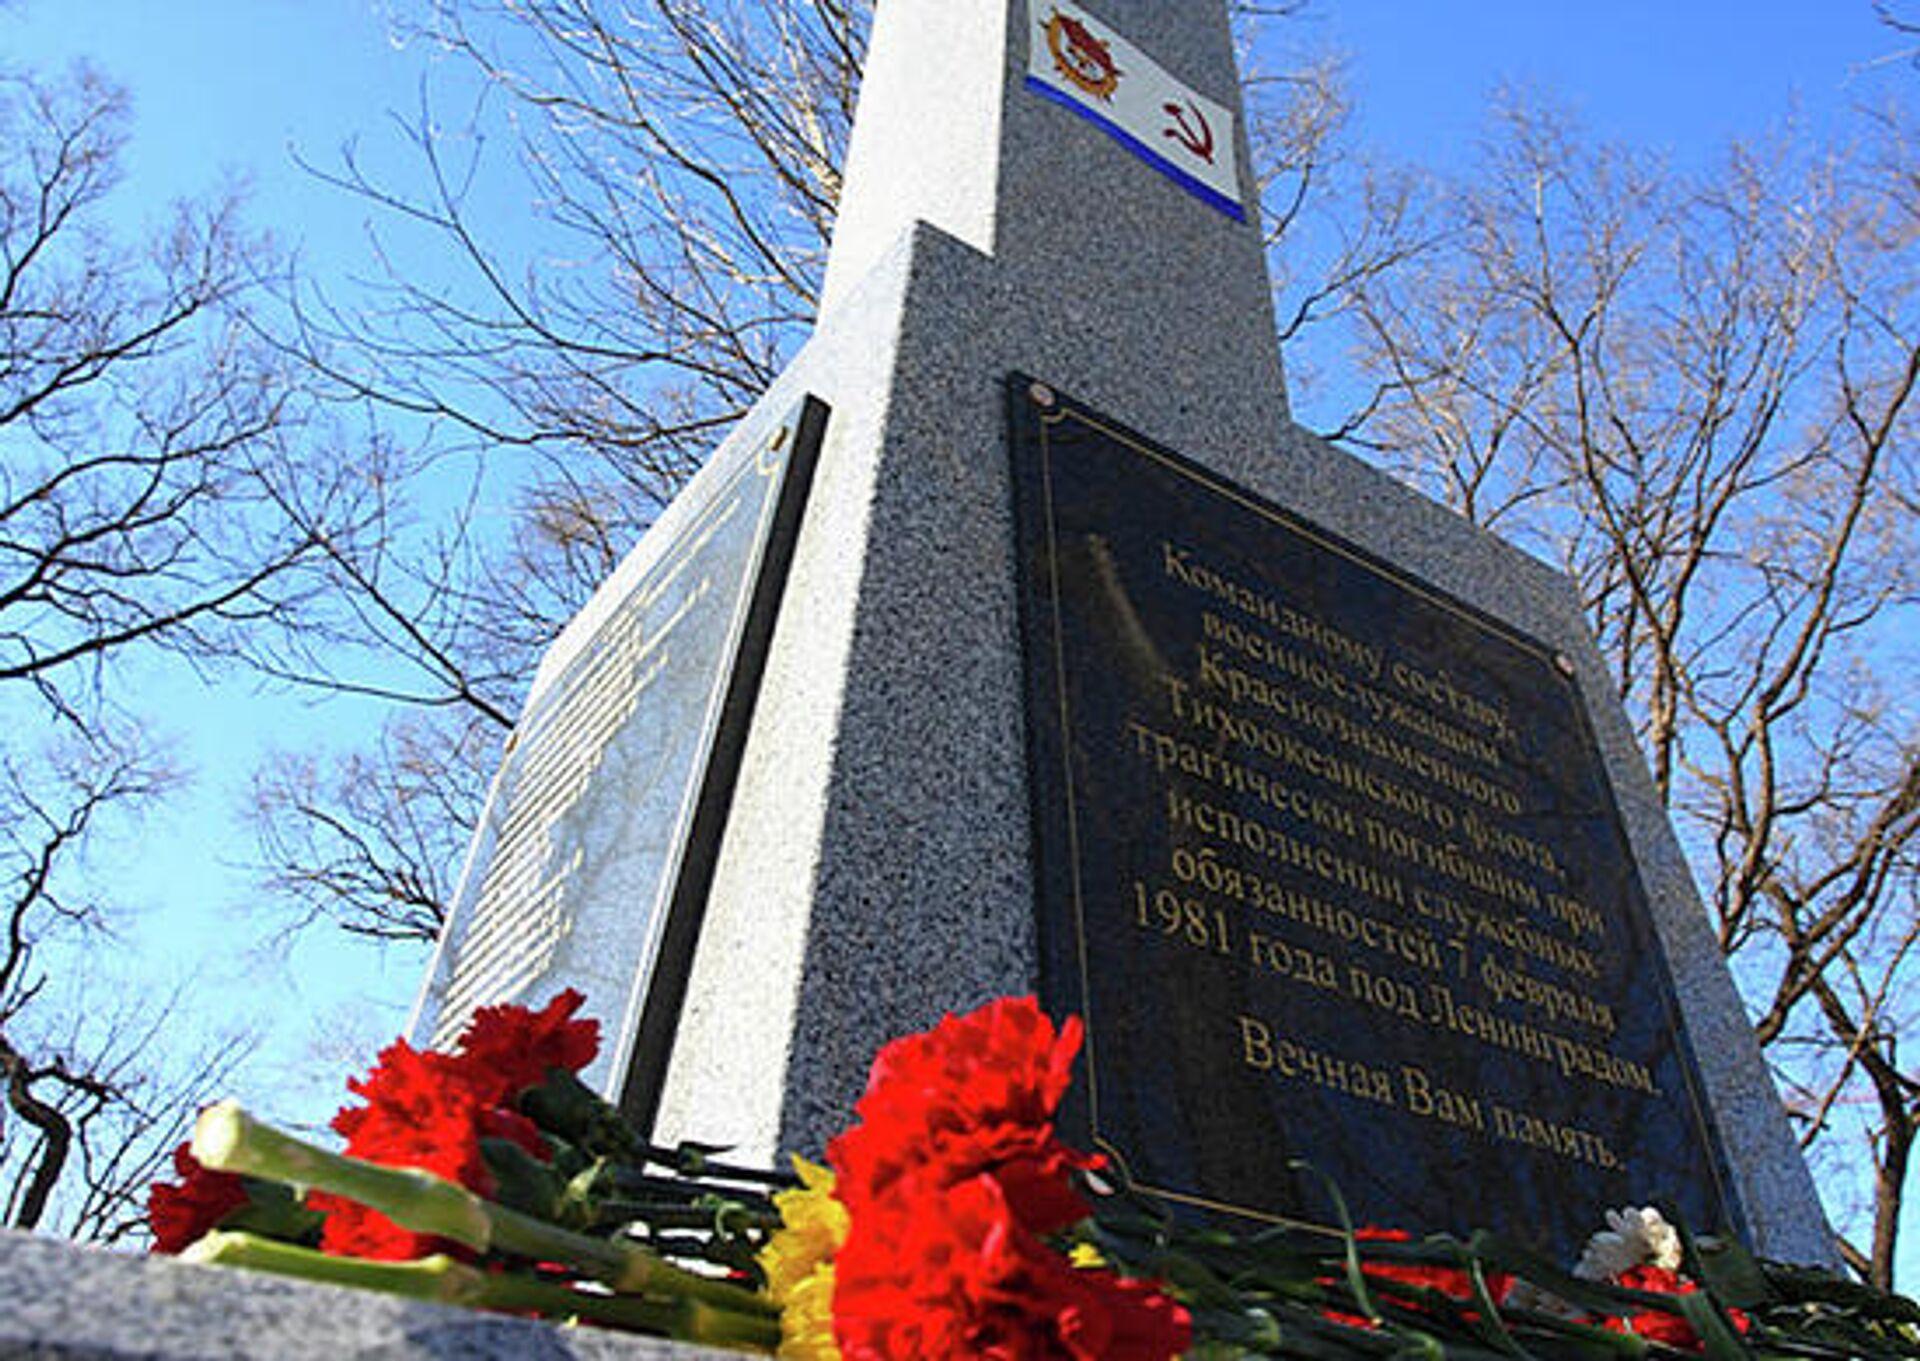 Открытие монумента, посвященного гибели офицеров командного состава Тихоокеанского флота в авиакатастрофе под Ленинградом - РИА Новости, 1920, 05.02.2021